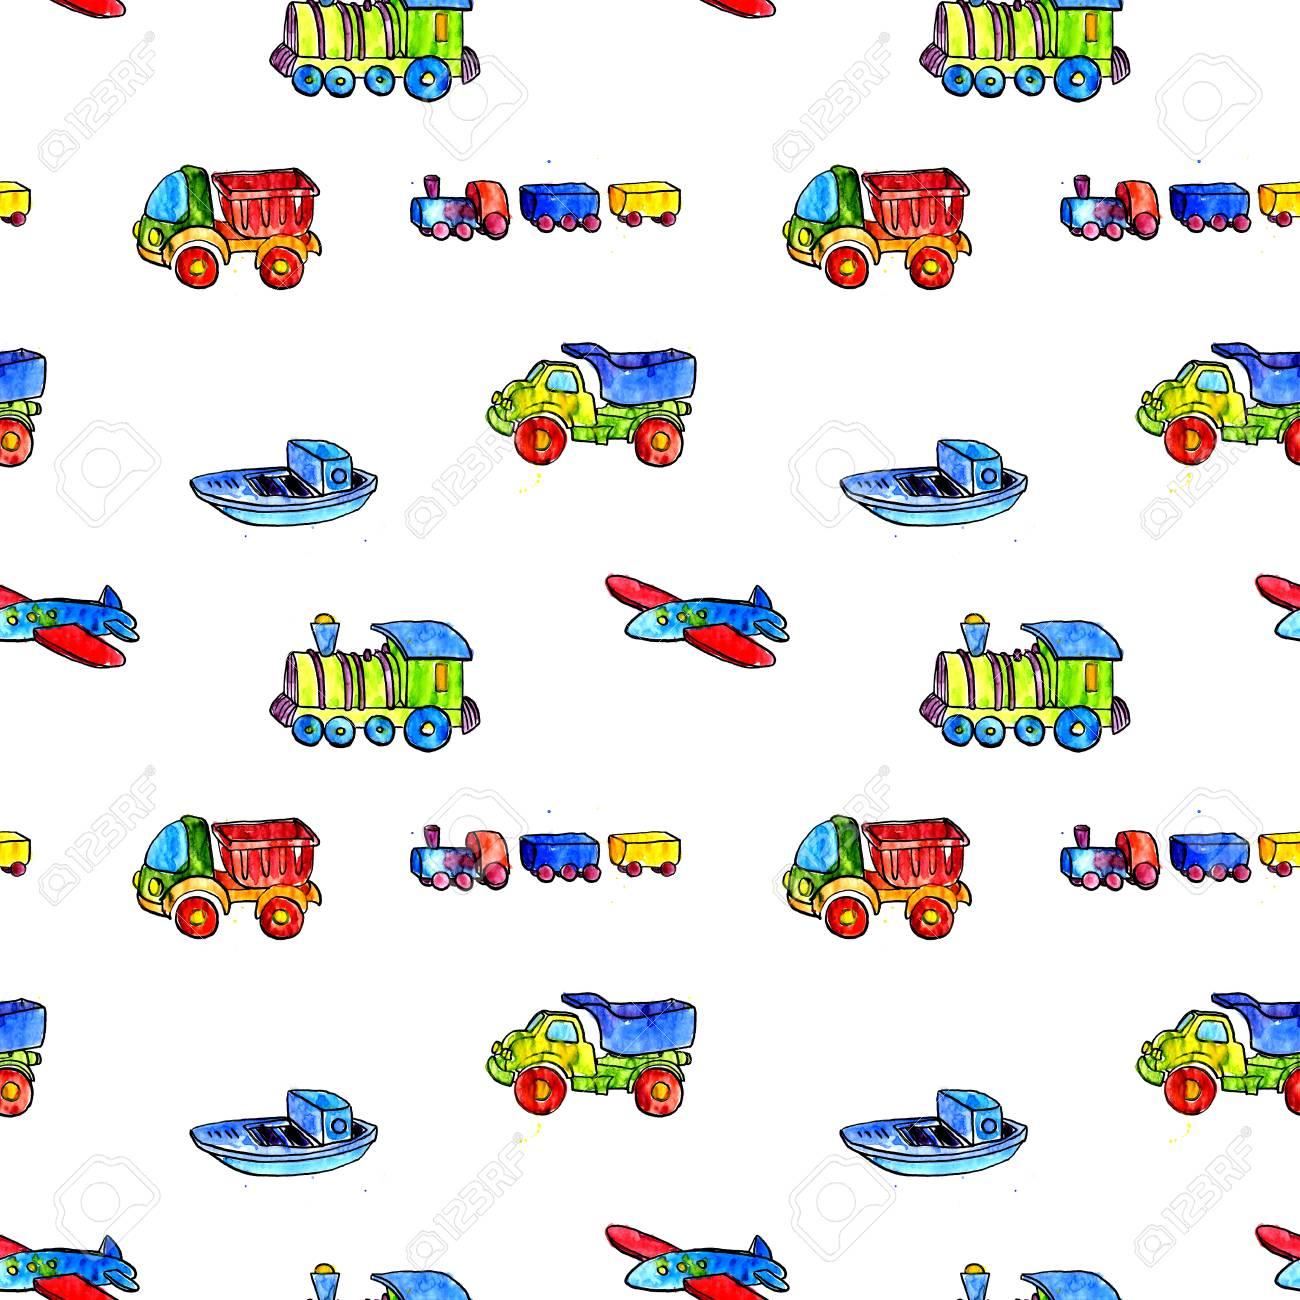 La Acuarela LocomotorasIlustración Juguetes Dibujo Dibujados BebéCochesAviones Y A De Sin Fondo Con Los ManoTransporte Patrón nwkOP0